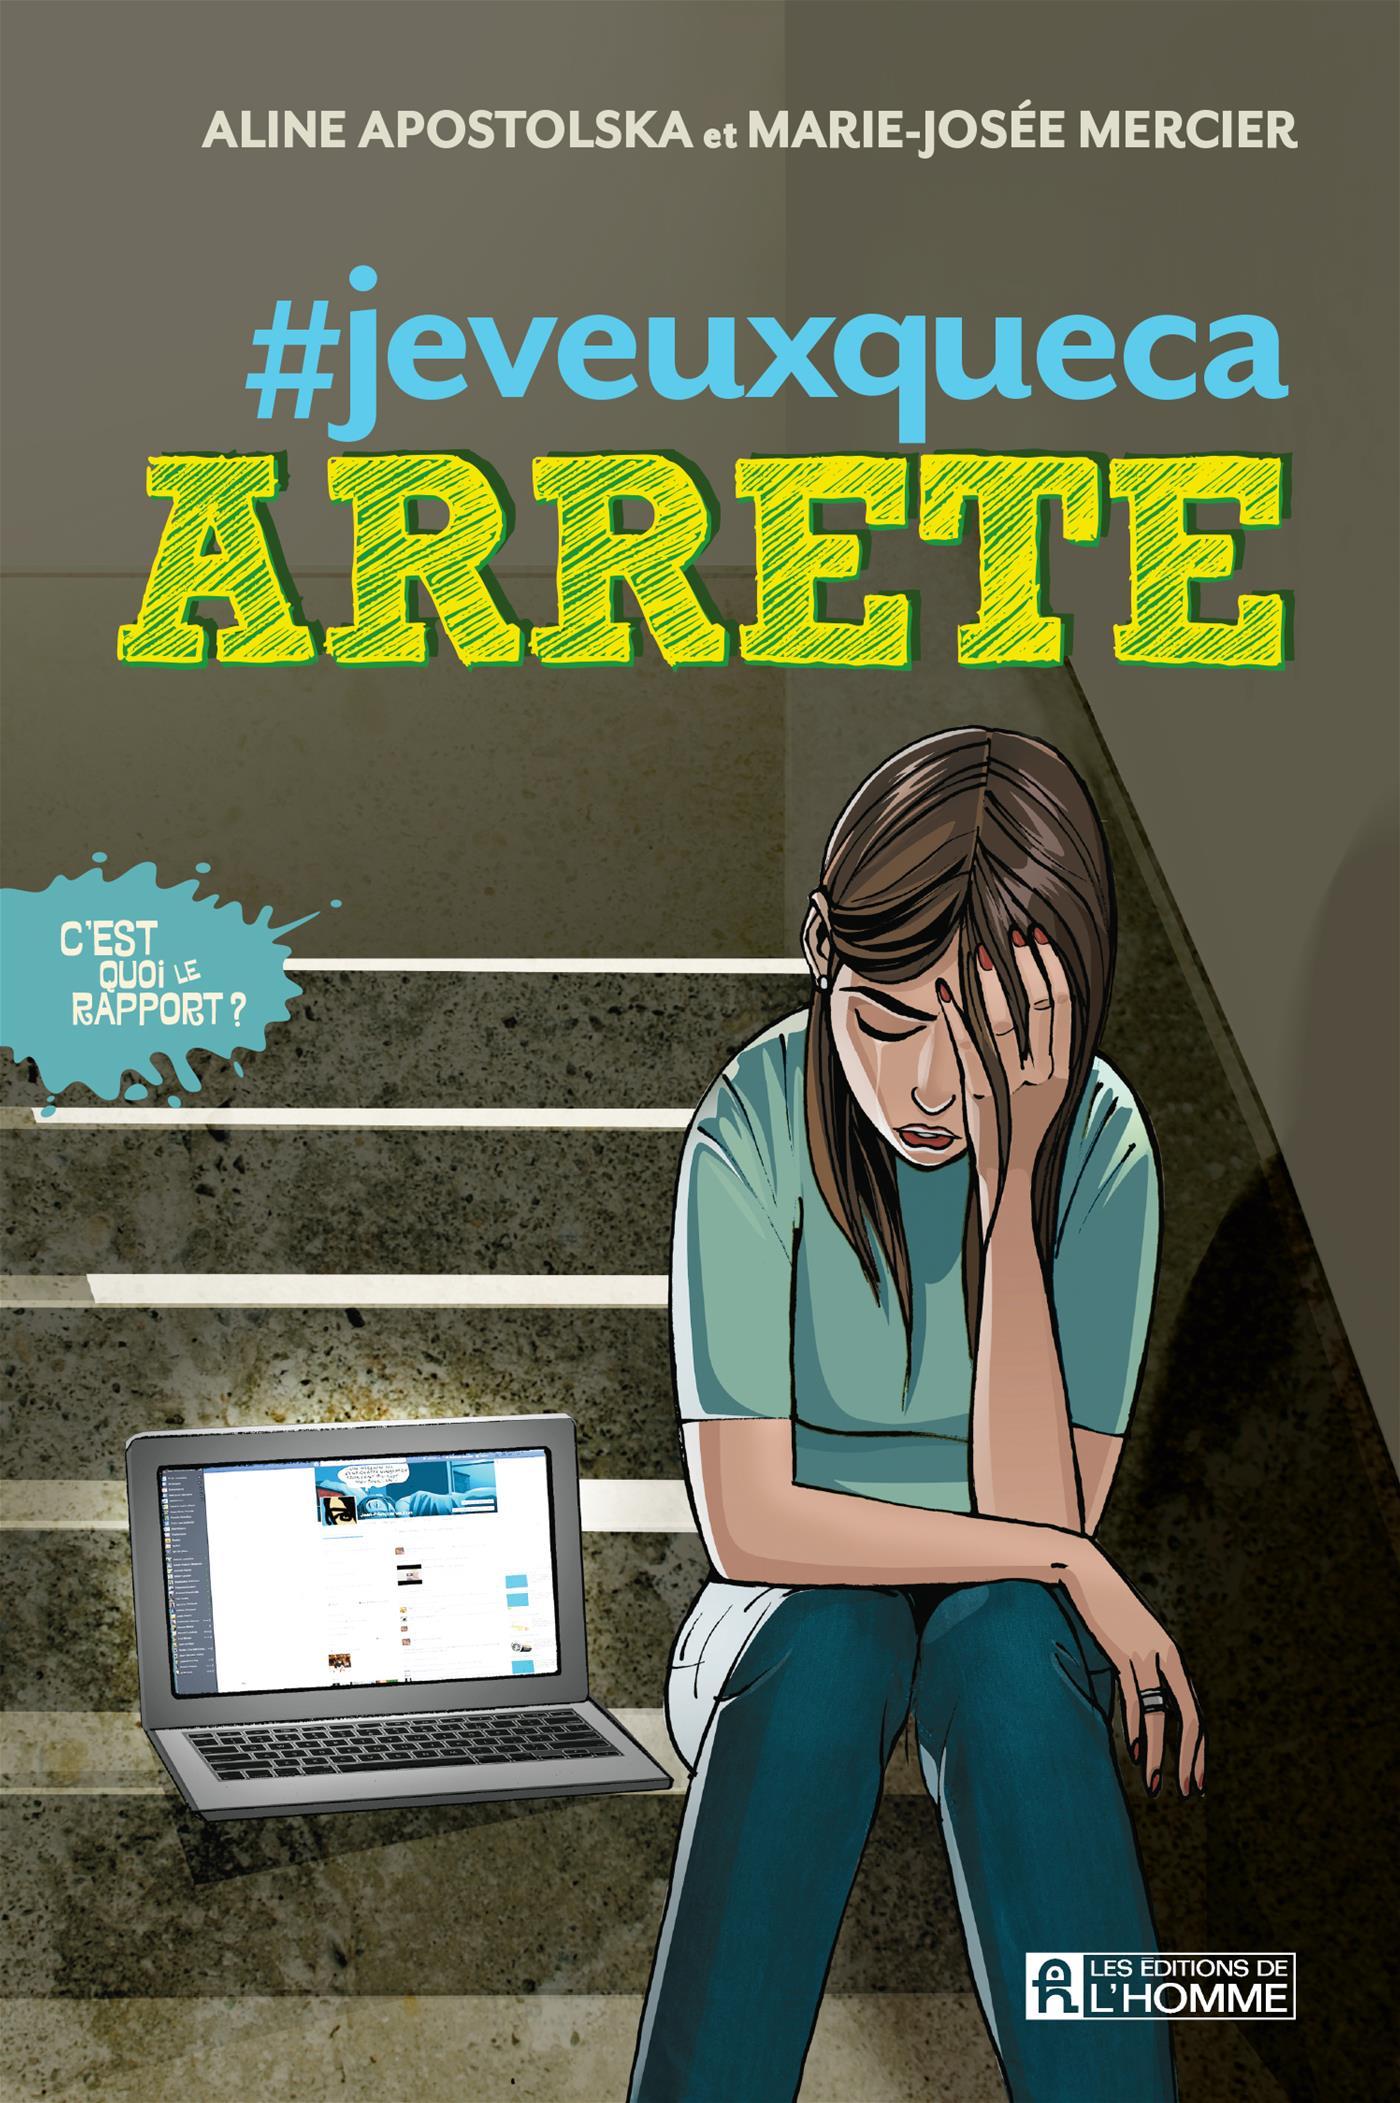 Image de couverture (#jeveuxquecaARRETE)